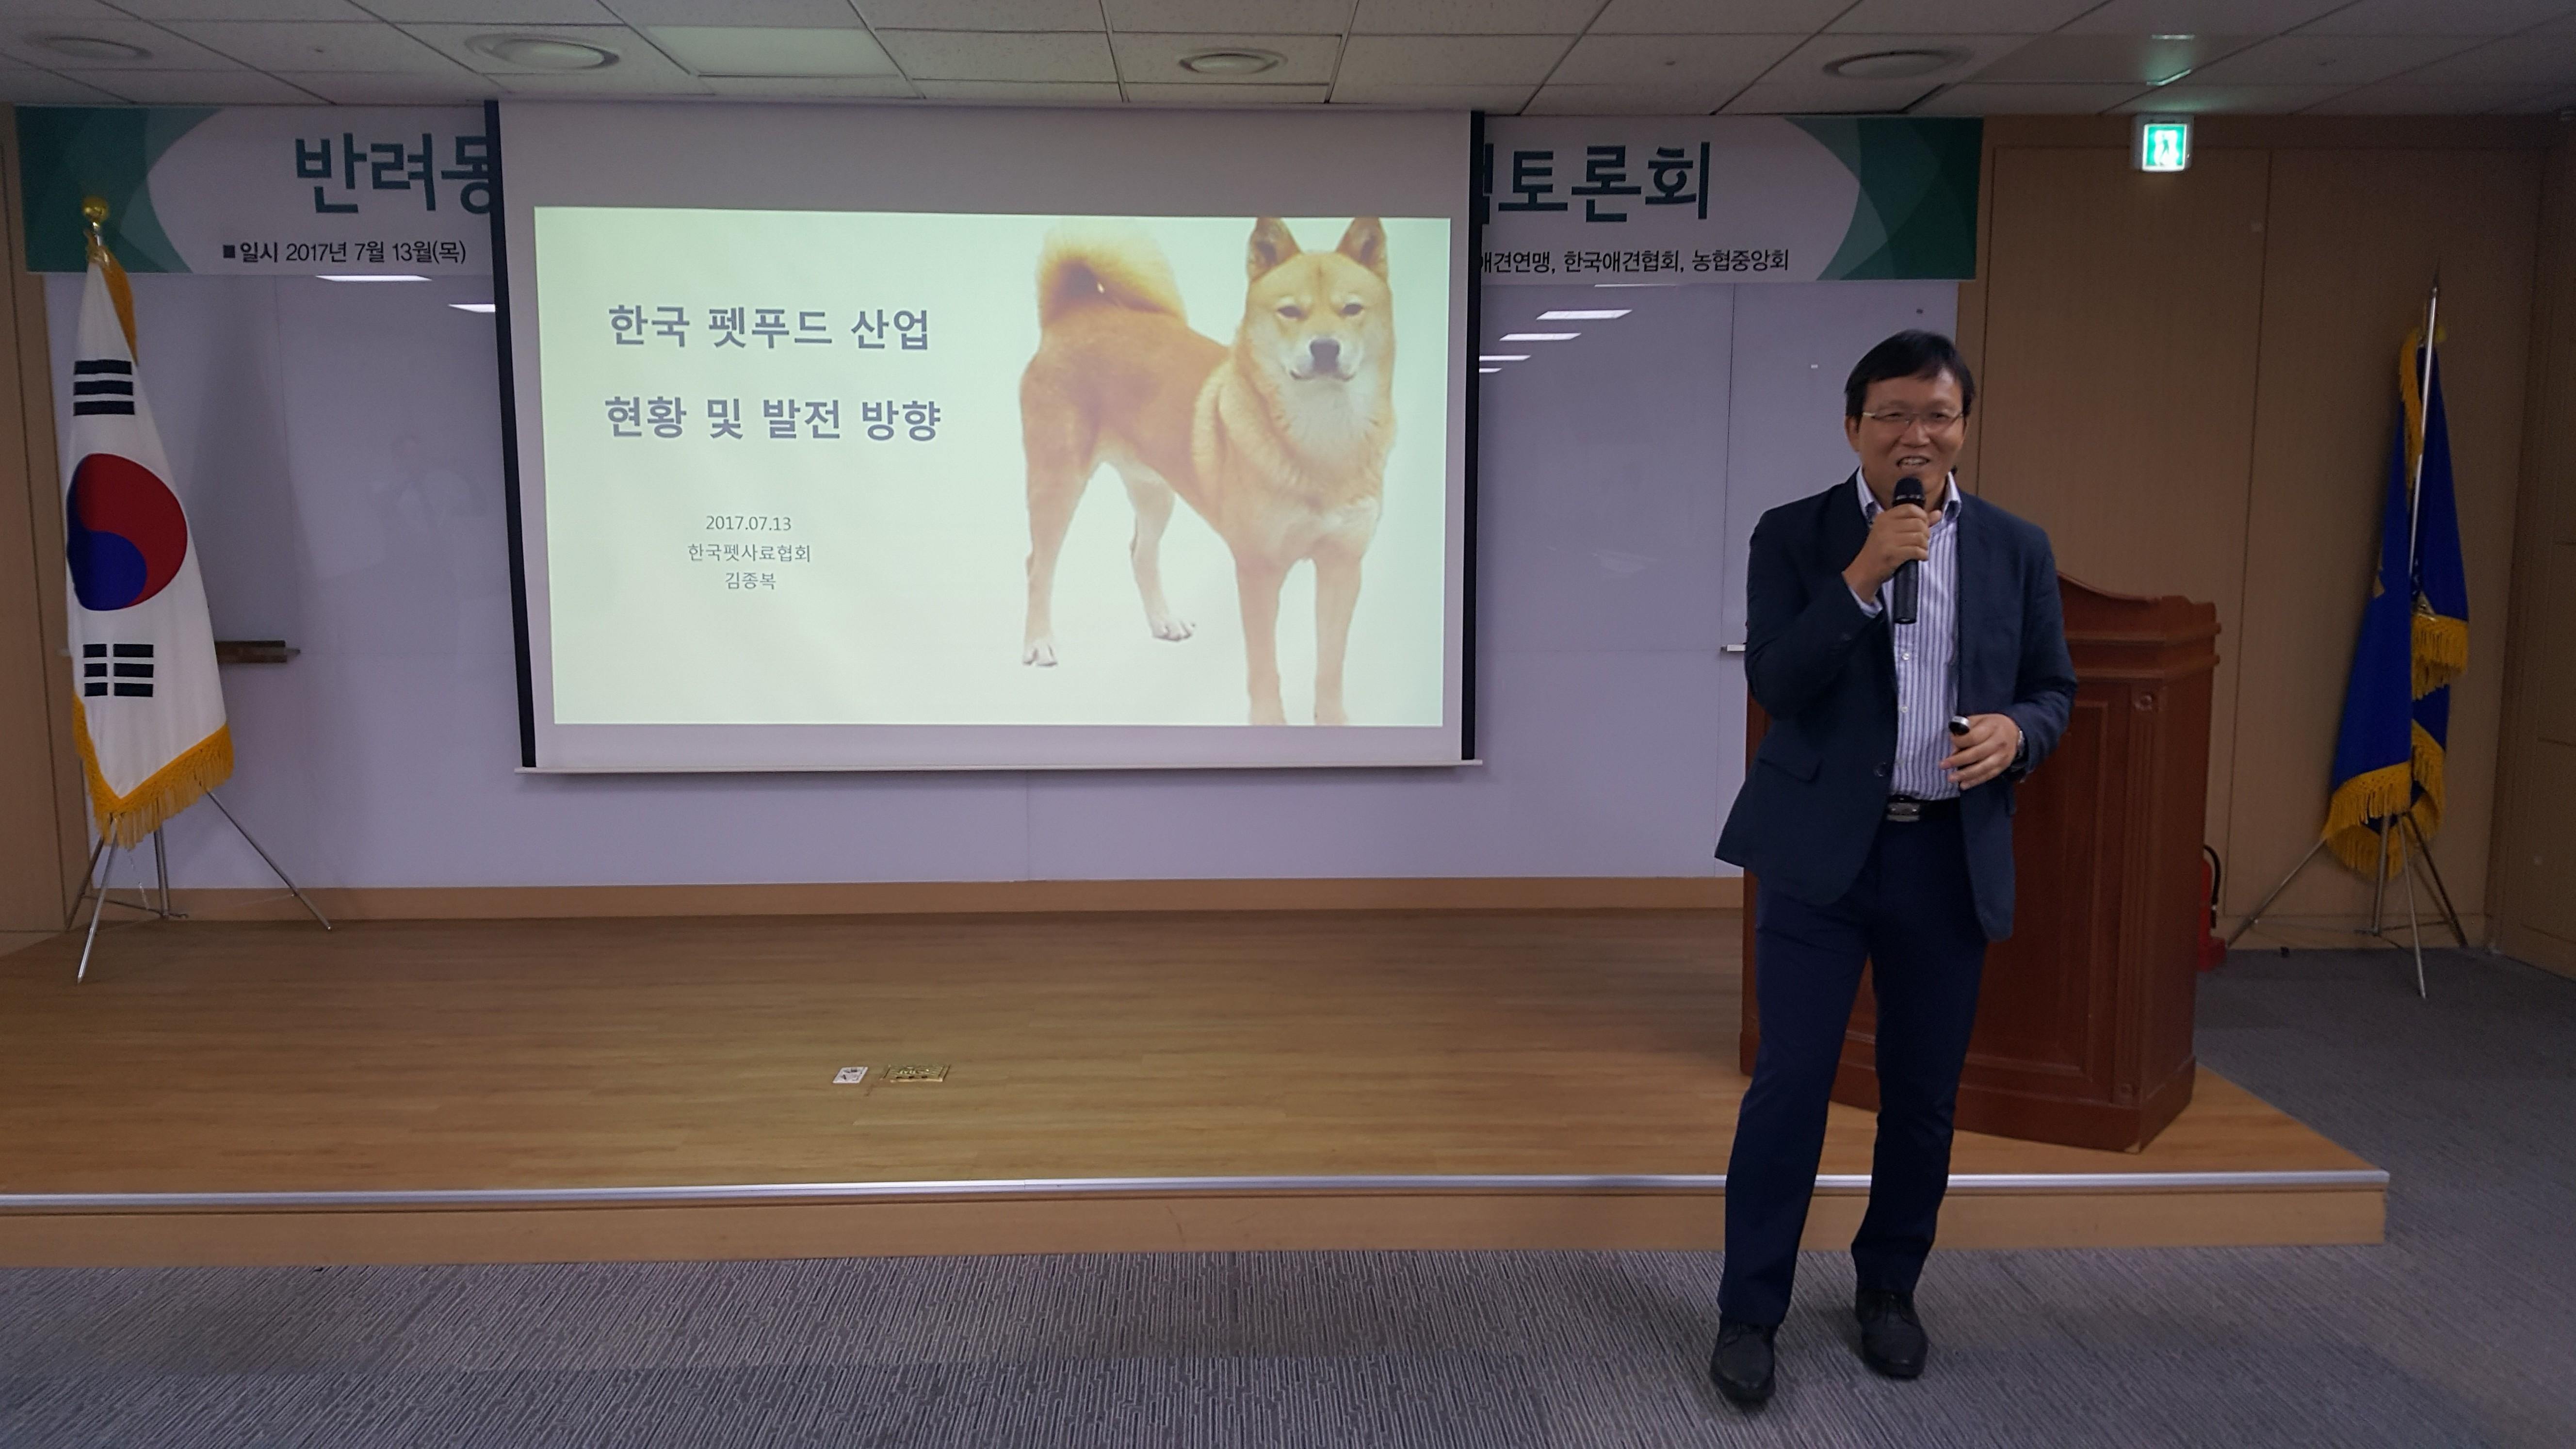 """한국펫사료협회 김종복 회장, """"펫푸드에 적합한 제도 필요해"""""""